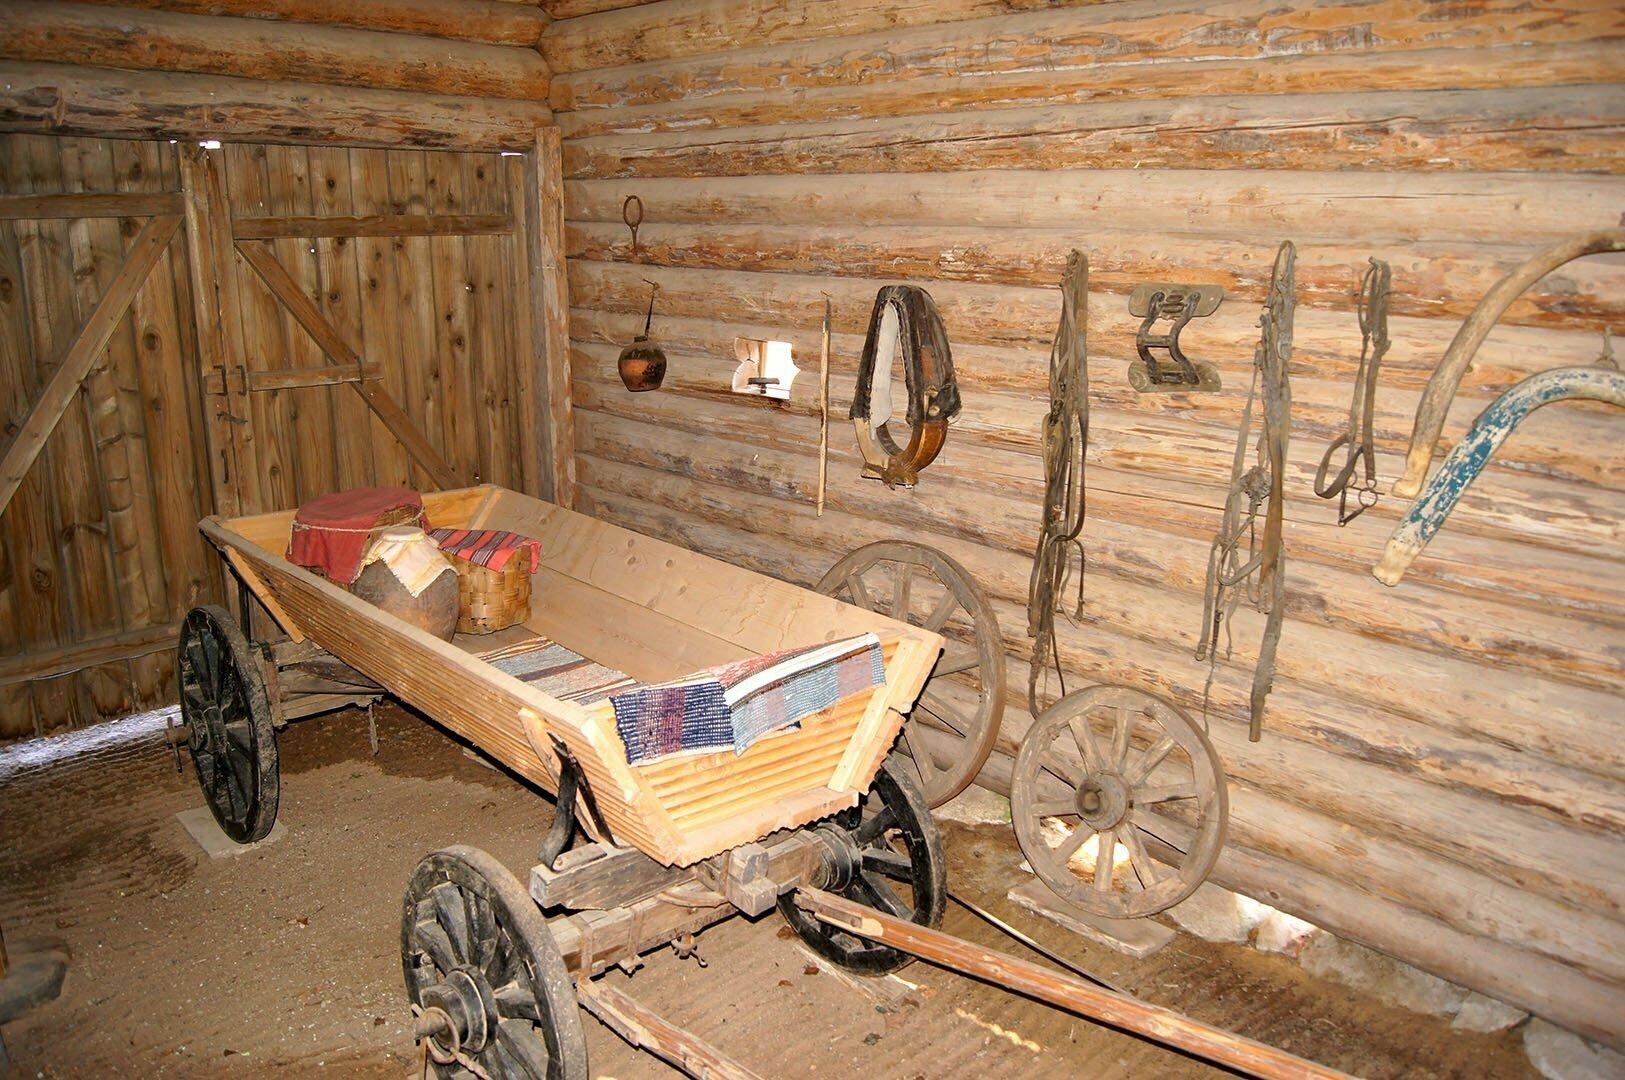 Гараж на первом этаже дома Туницкого. Музей деревянного зодчества в В. Новгороде